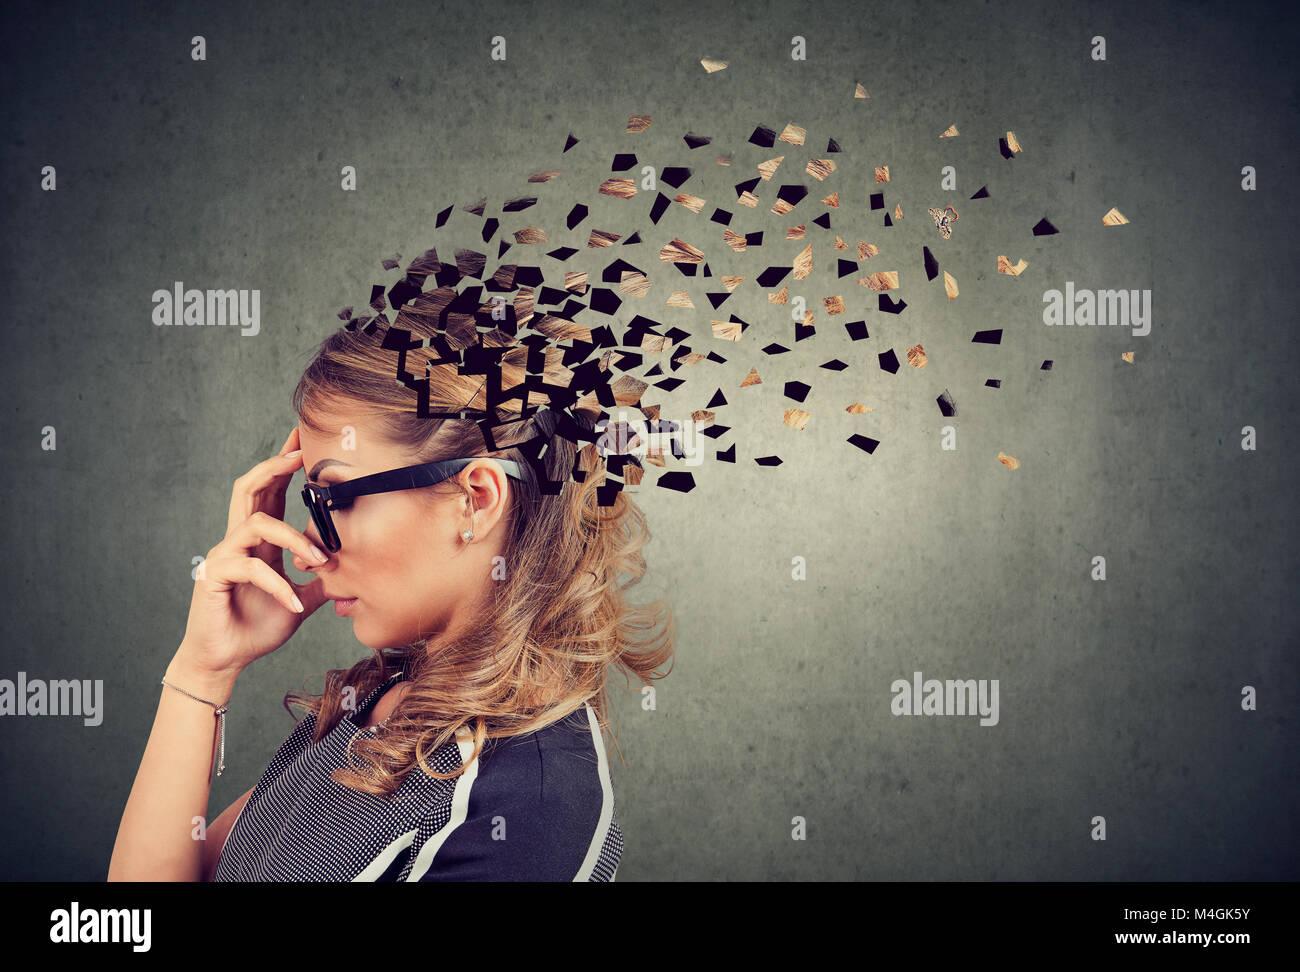 Gedächtnisverlust durch Demenz oder Hirnschäden. Seite Profil einer Frau verlieren Teile der Kopf als Stockbild